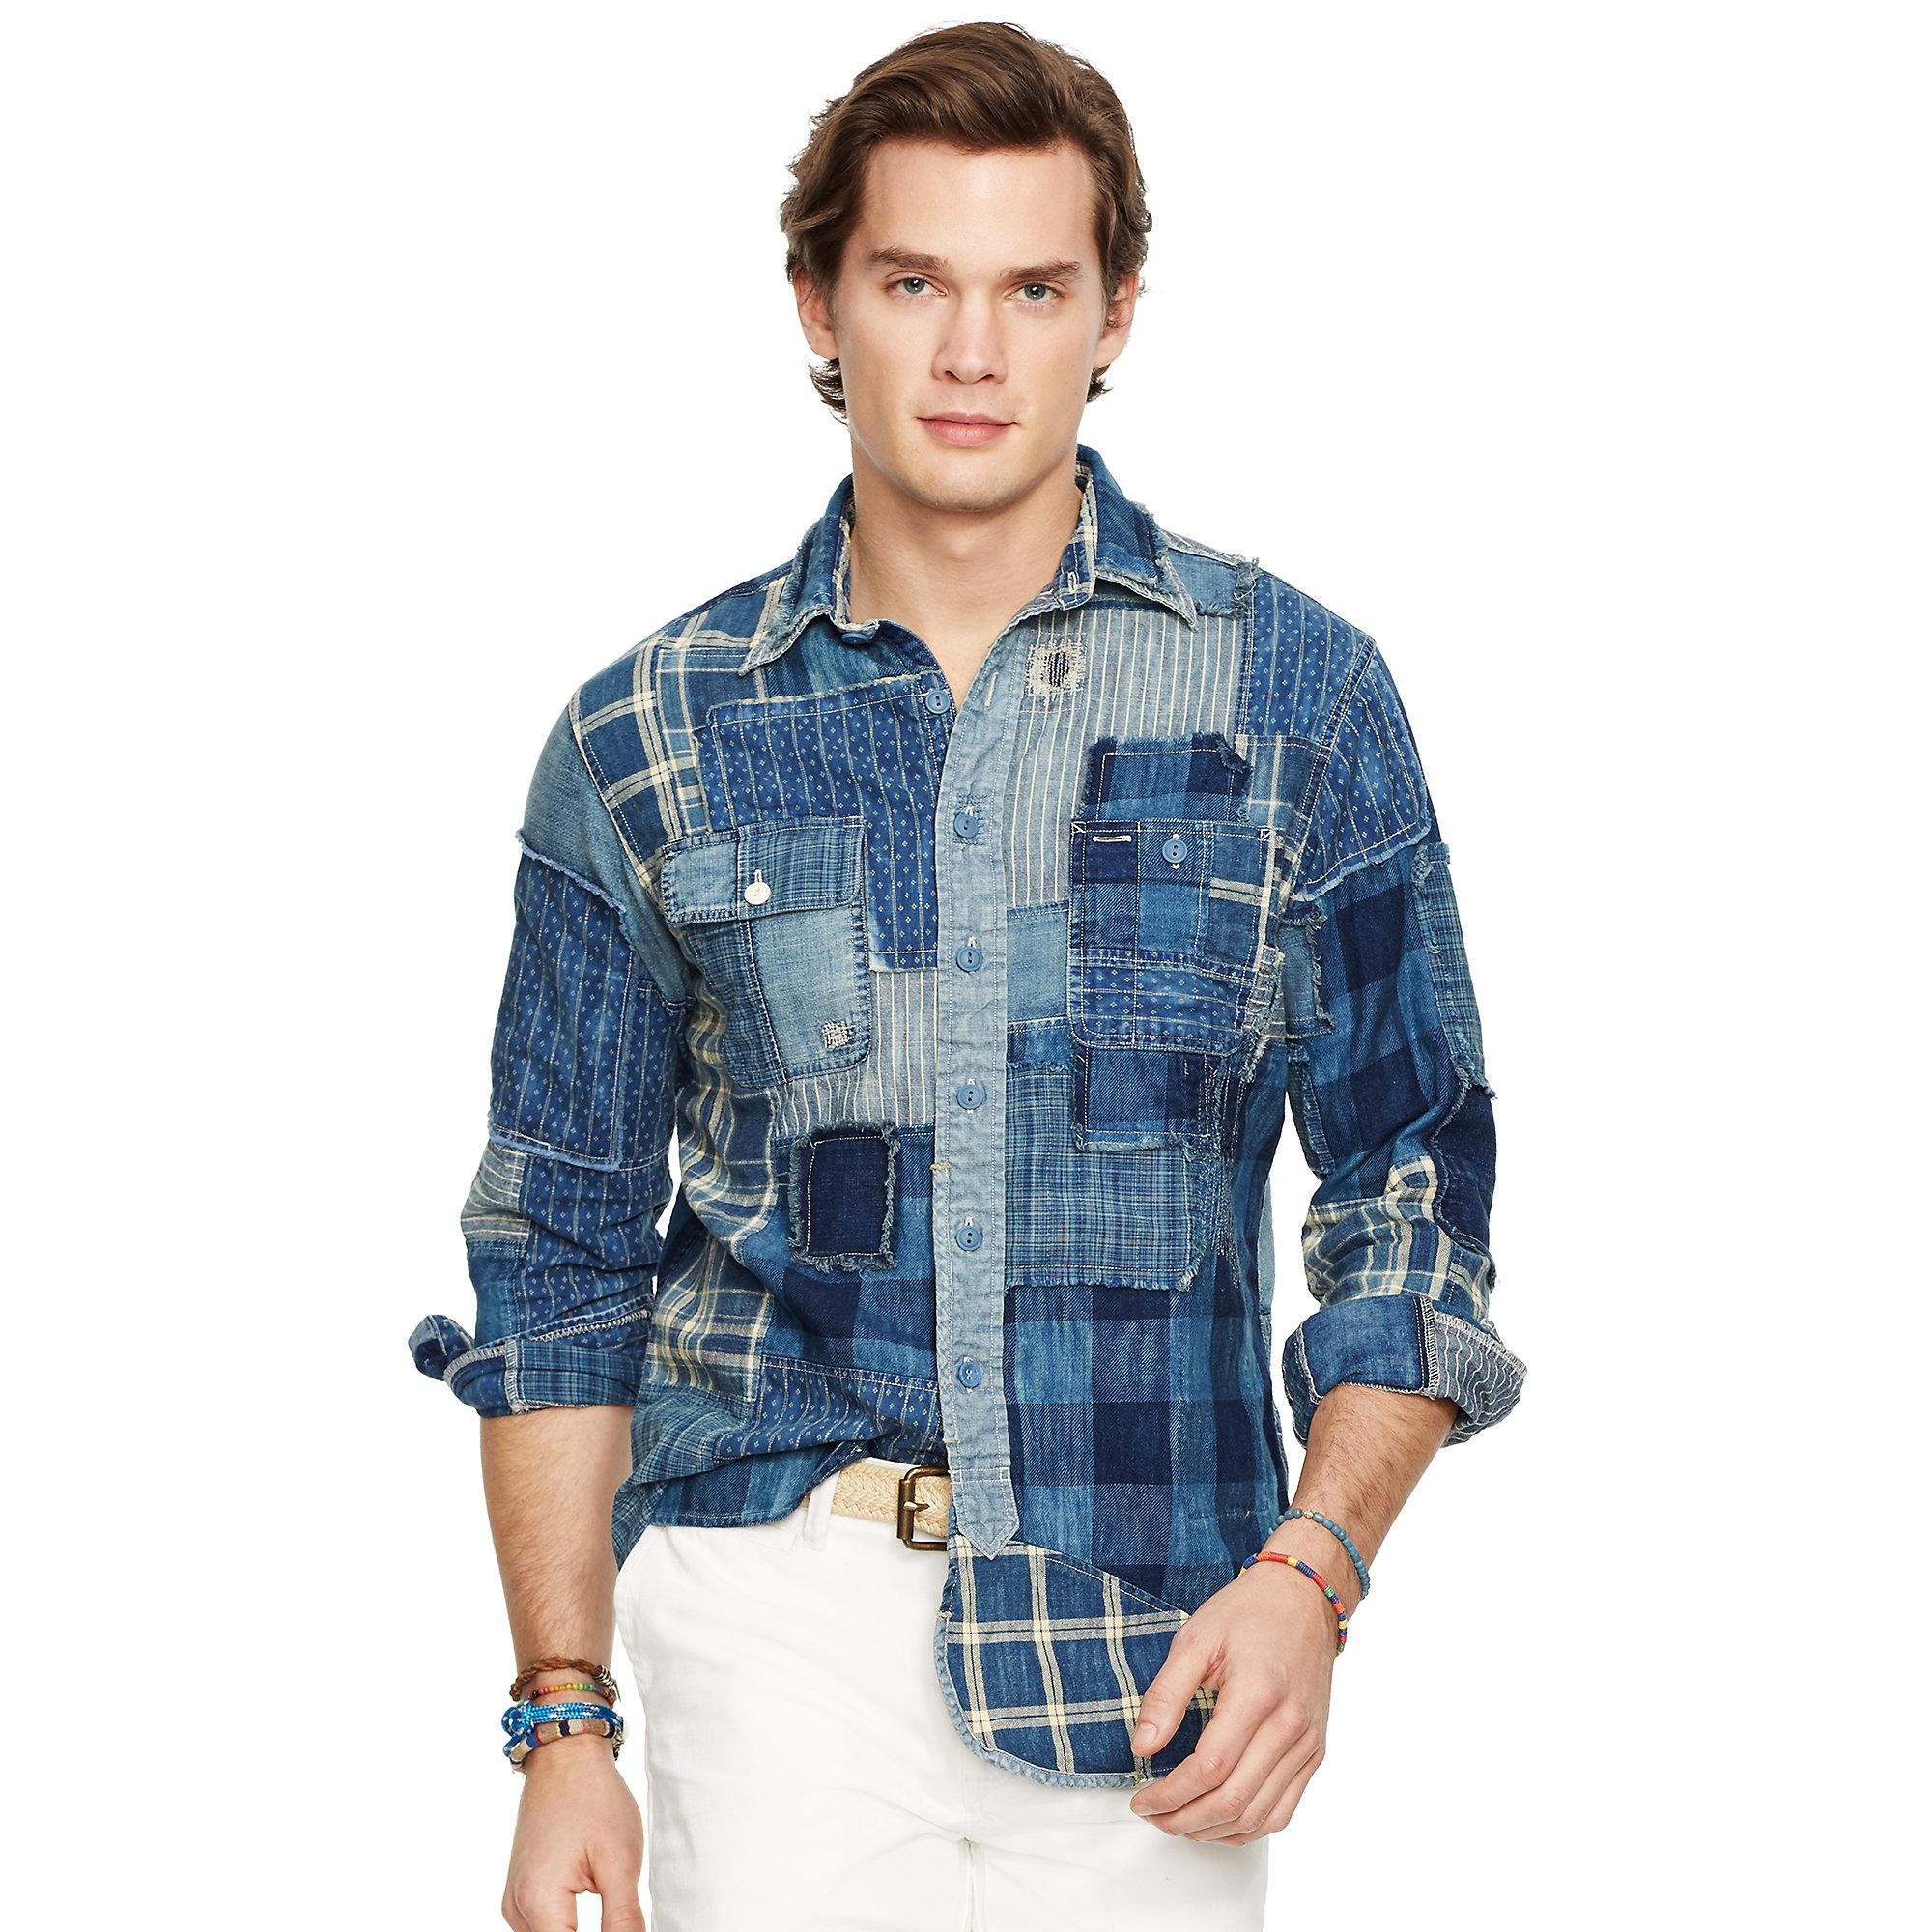 b0d3360b Polo Ralph Lauren Indigo Patchwork Sport Shirt in Blue for Men - Lyst